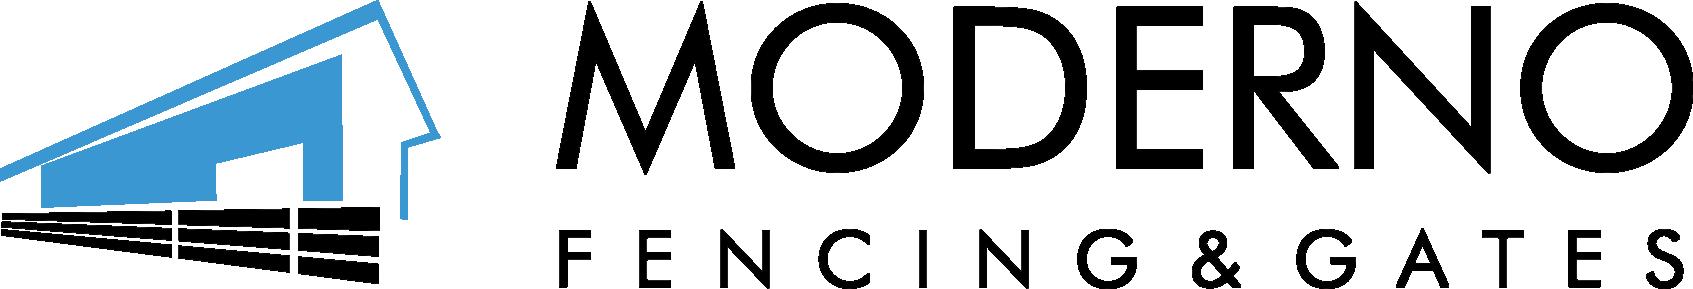 text_logo_alt